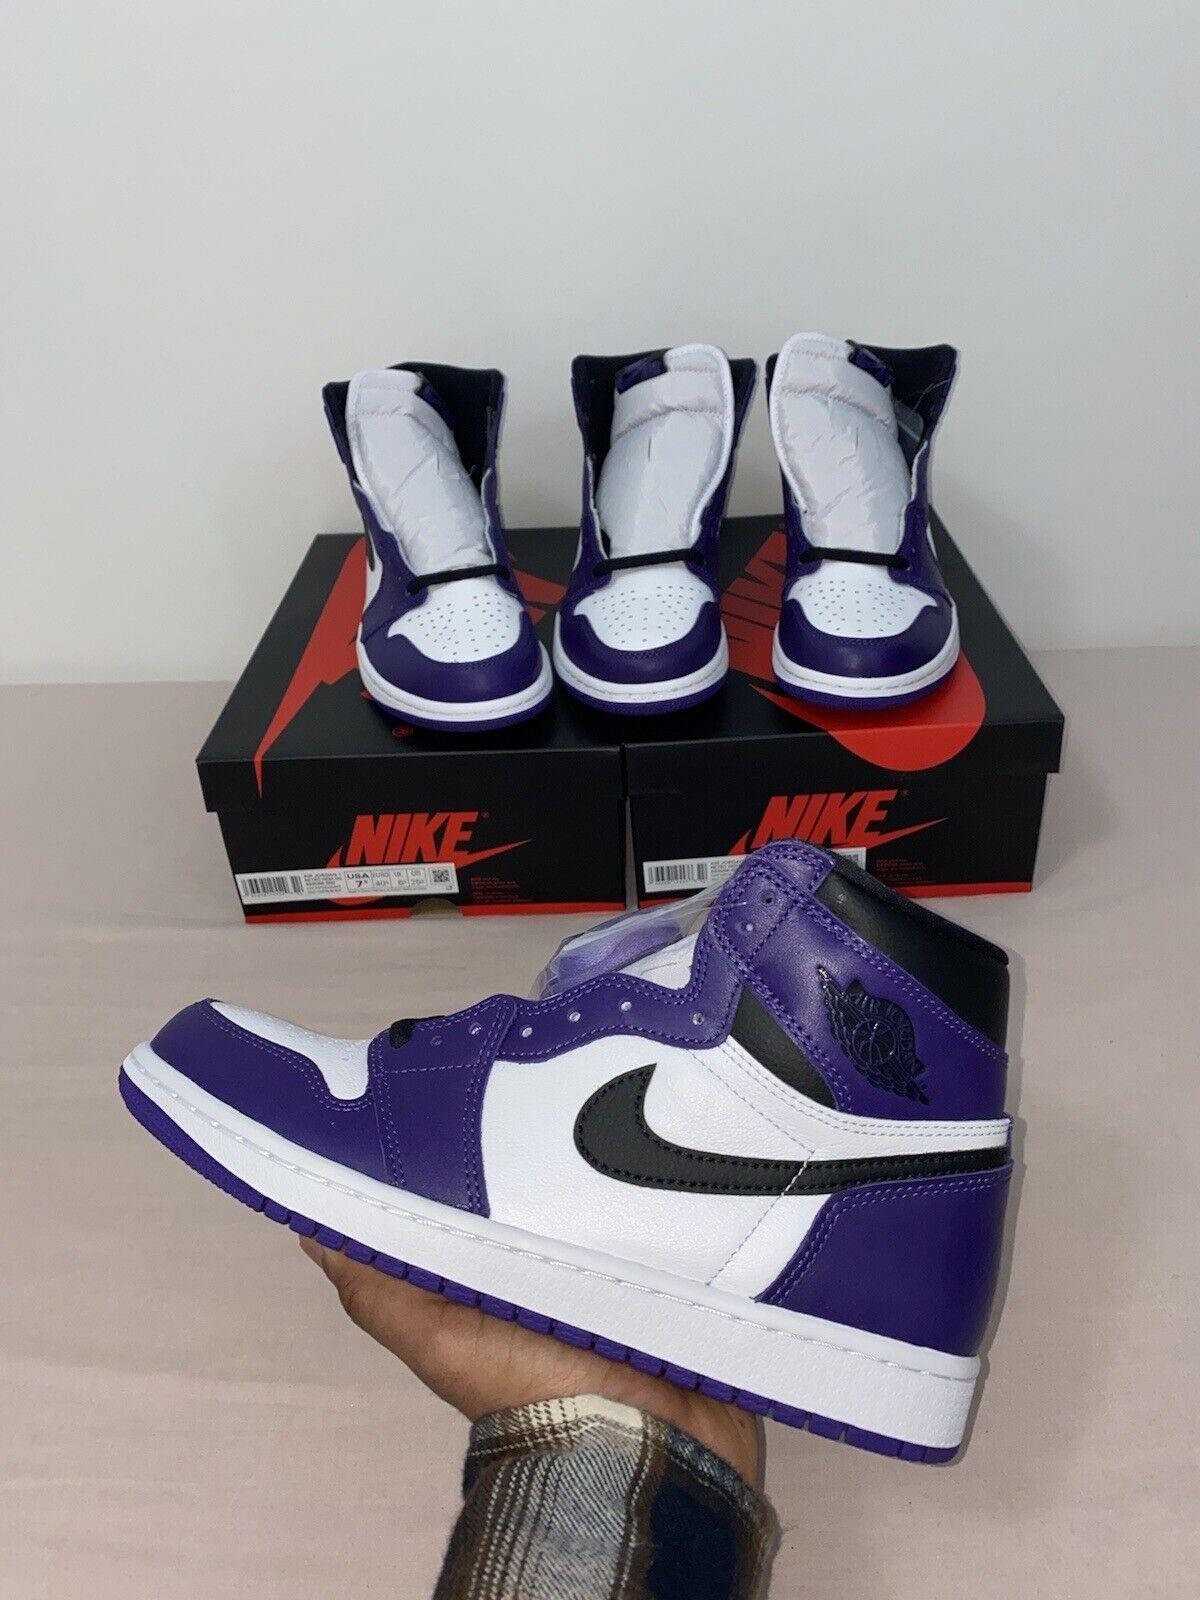 Jordan 1 Retro High OG Court Purple UK7